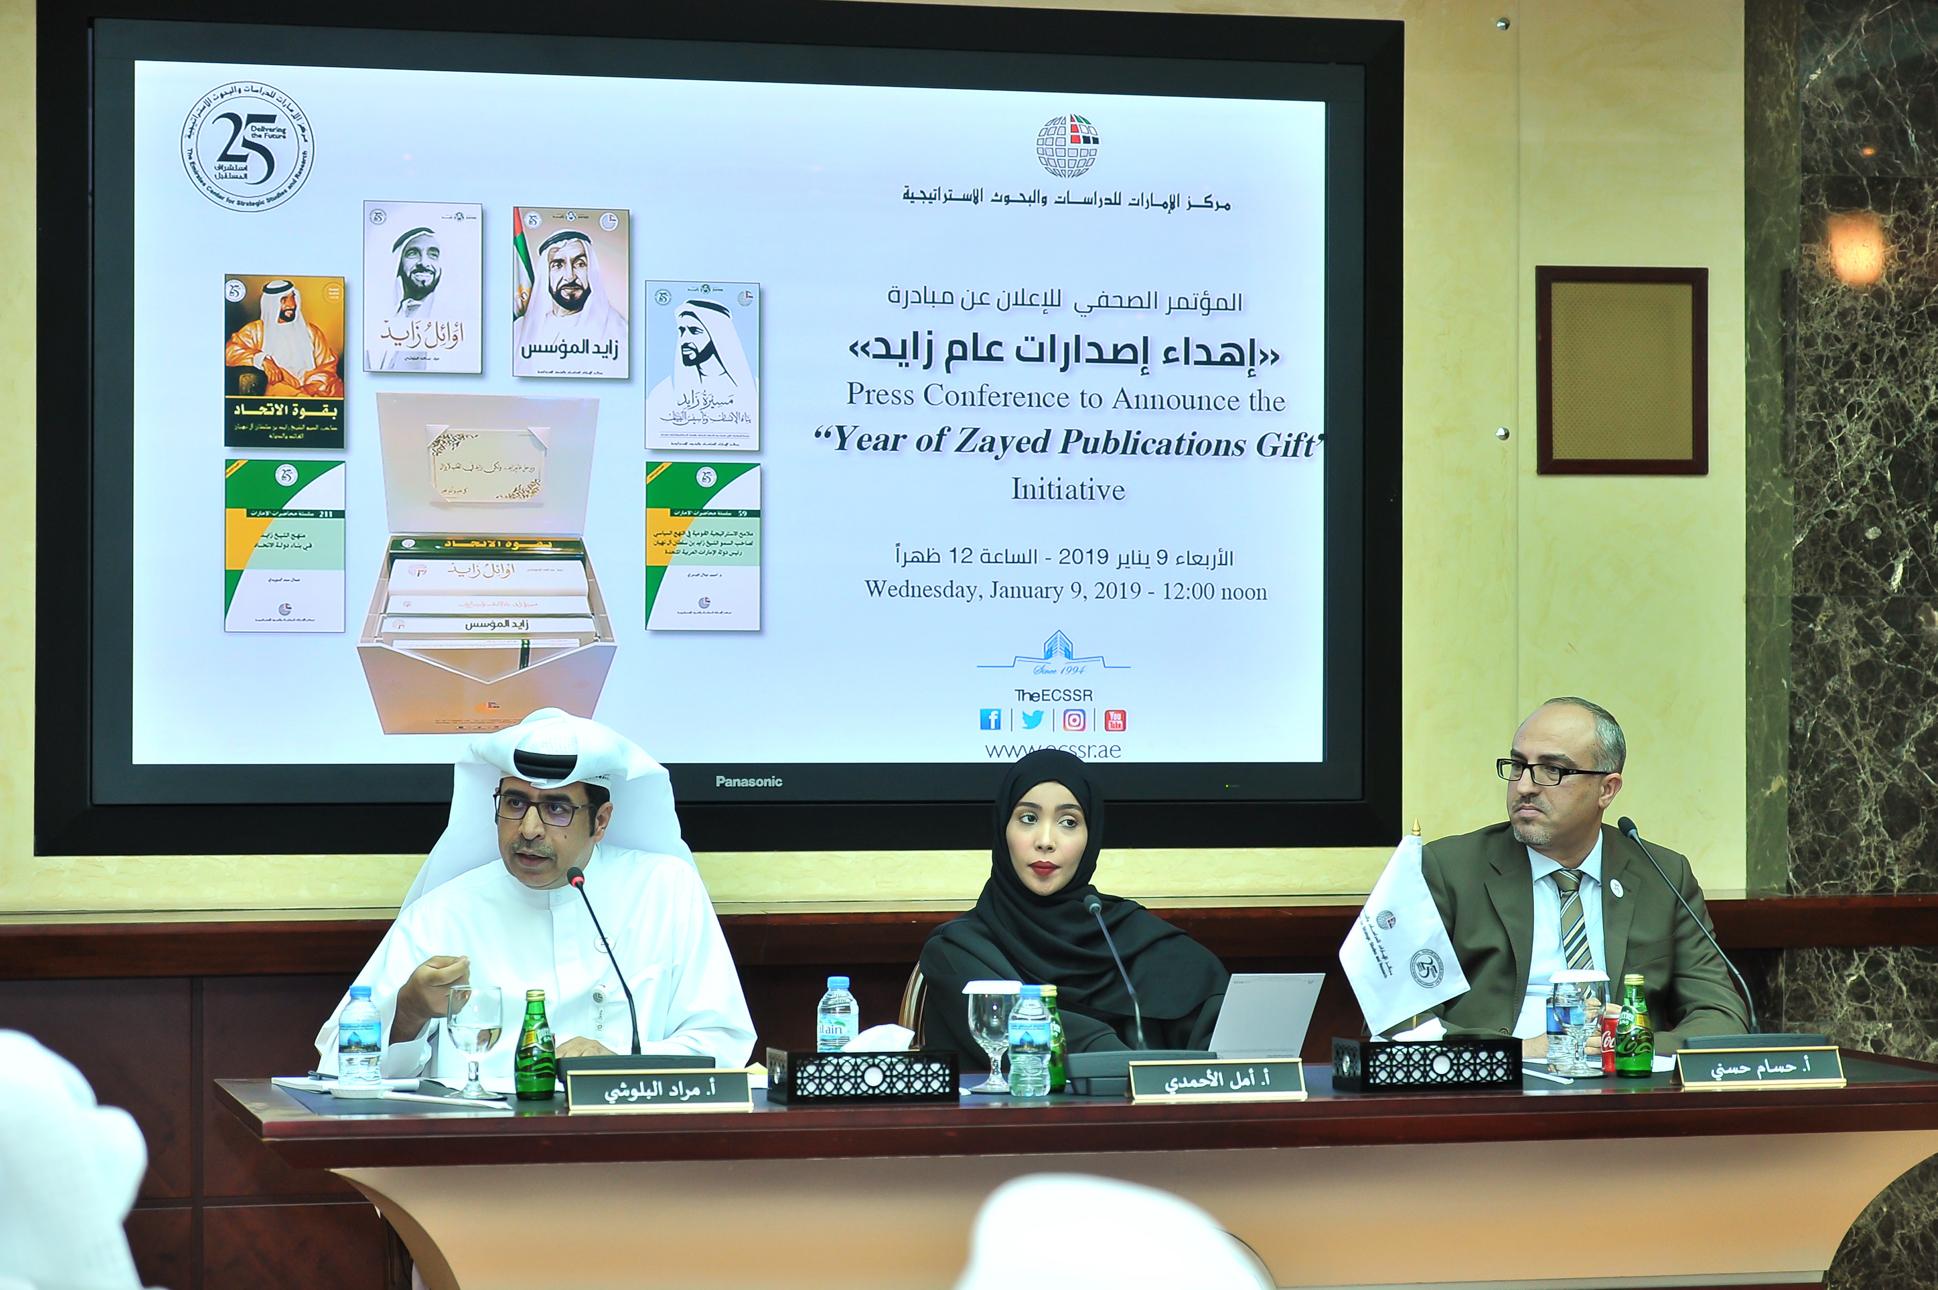 مركز الإمارات للدراسات يودع 2018 بمبادرة هداء إصدارات عام زايد